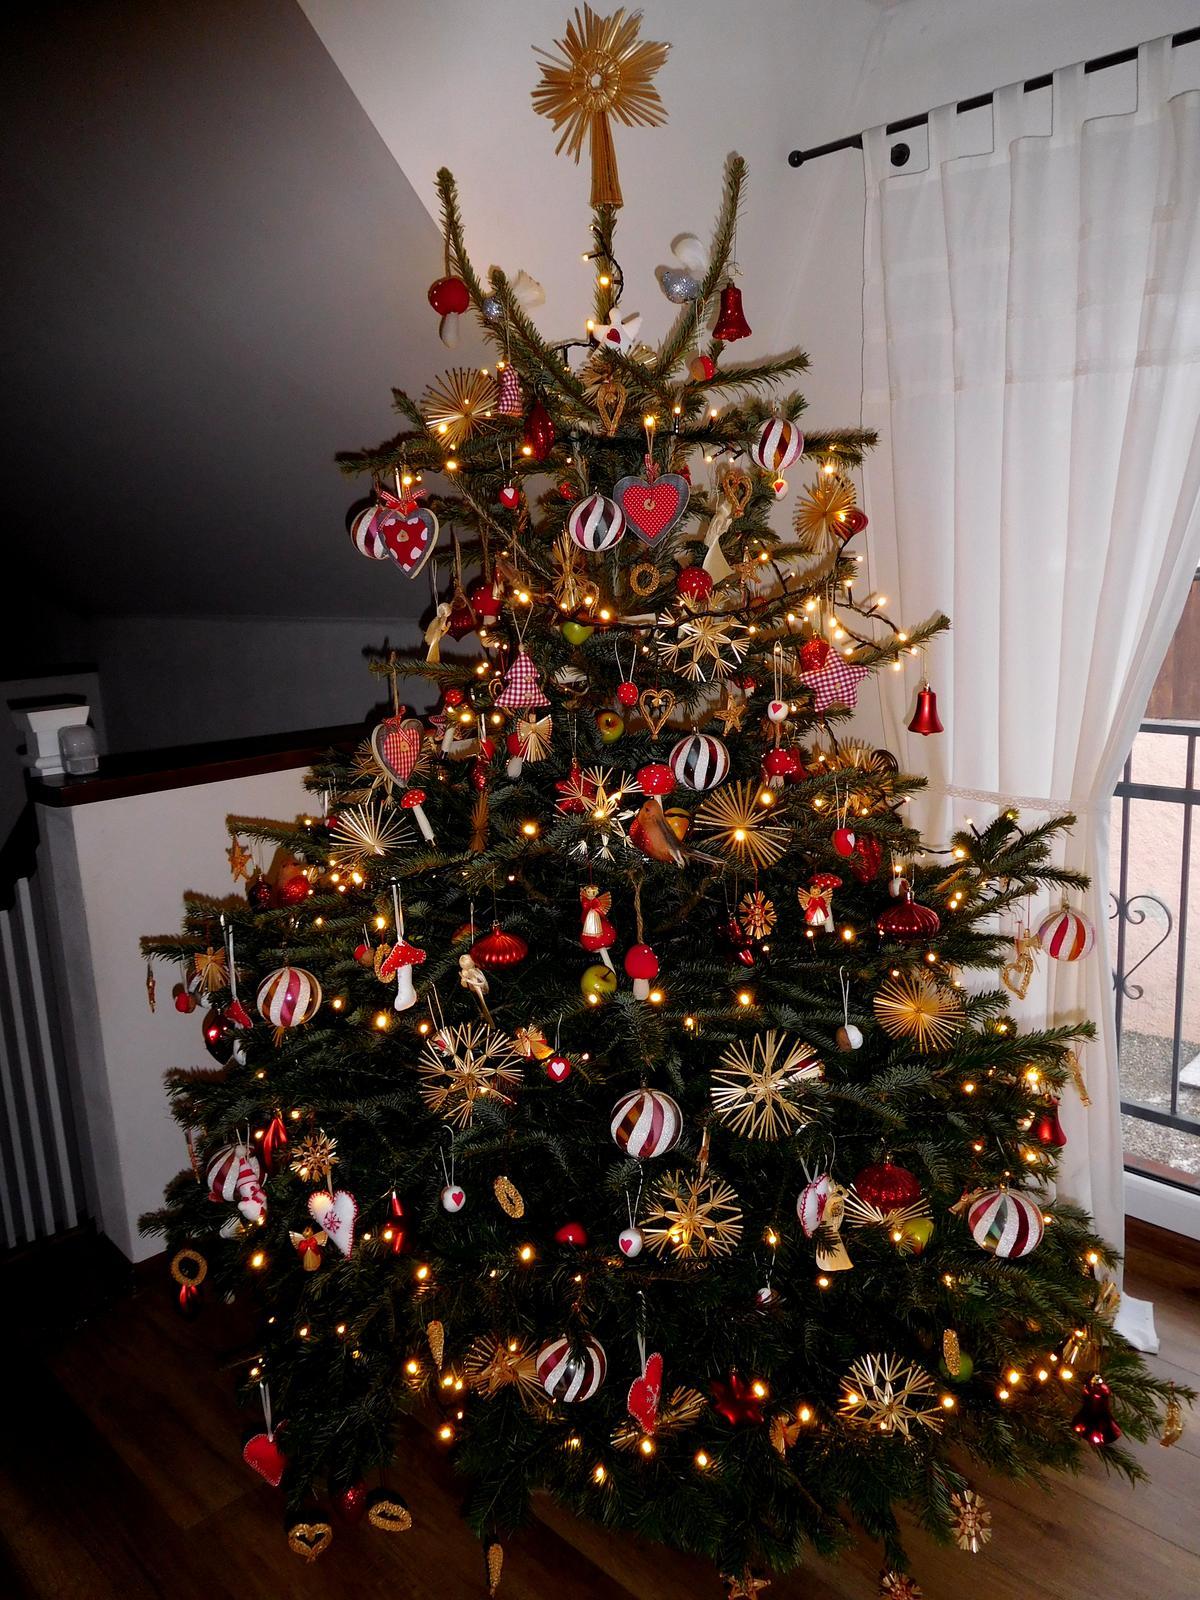 70 ks  kvalitné vianočné osvetlenie-žiarovky - Obrázok č. 1